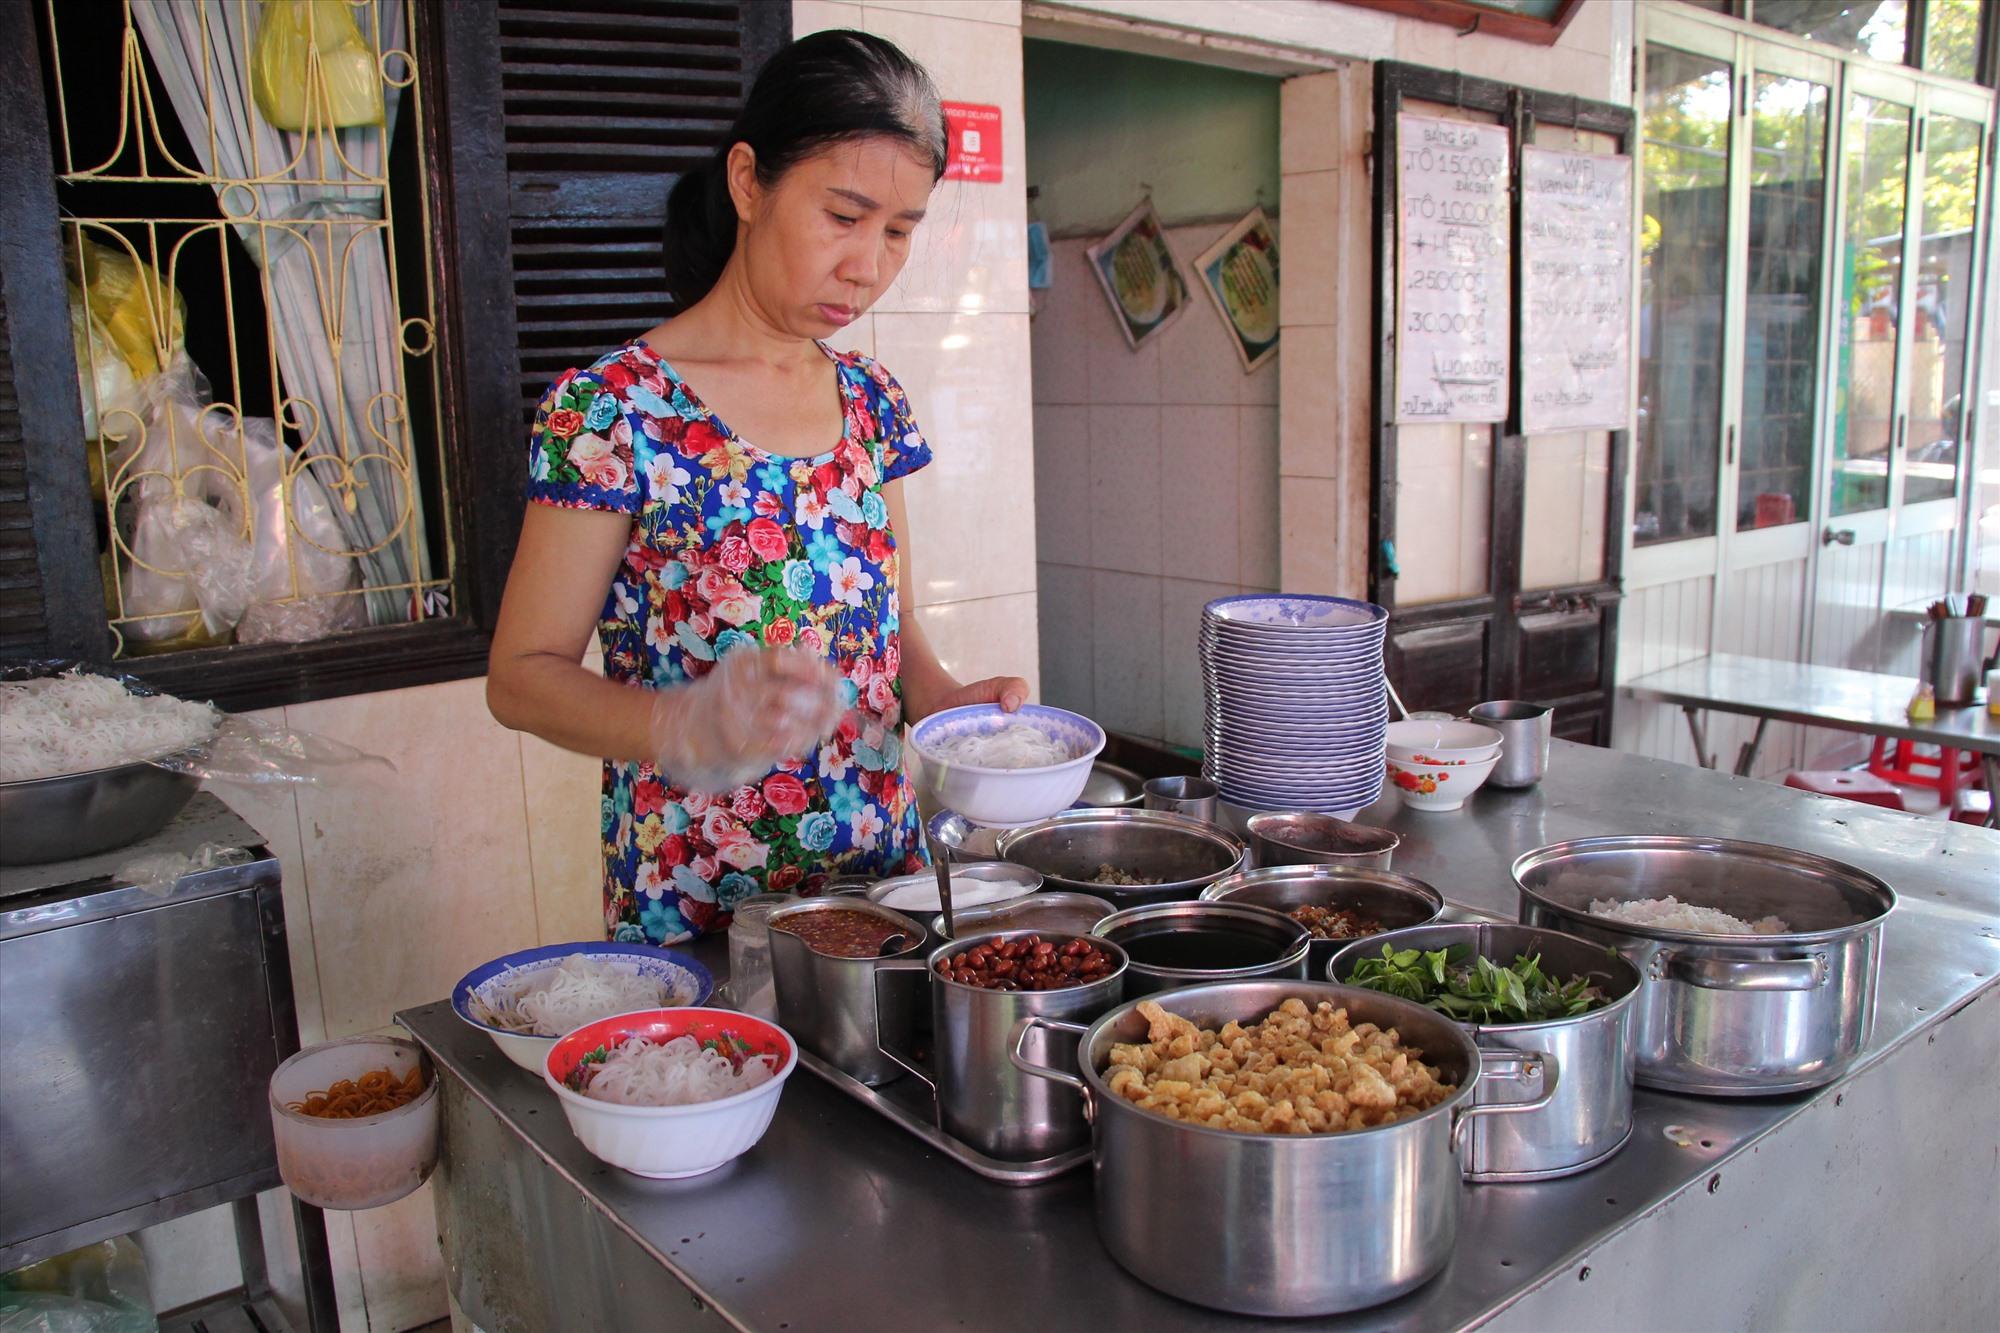 Quán cơm hến Hoa Đông nổi tiếng nhất Cồn Hến